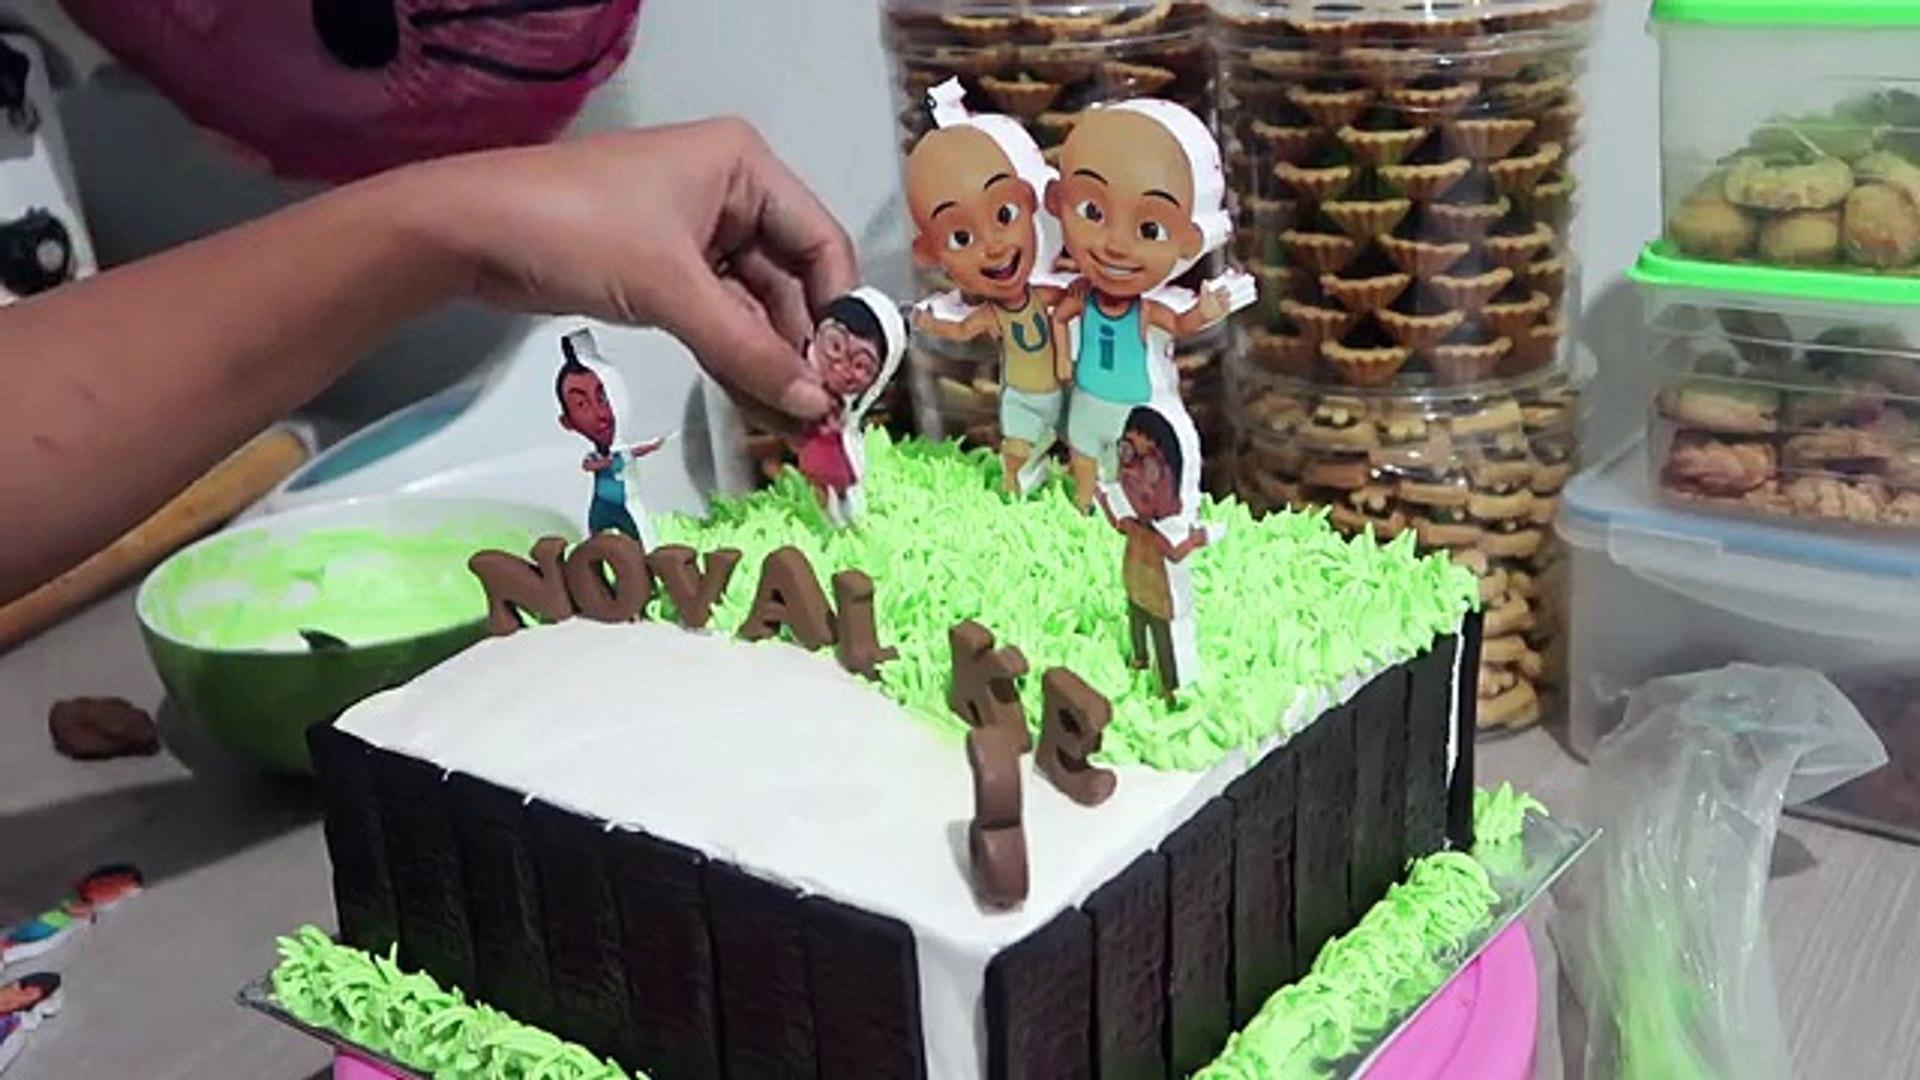 Cara Membuat Kue Ulang Tahun Upin Ipin Dengan Cepat Dan Unik How To Make Birthday Cake Video Dailymotion